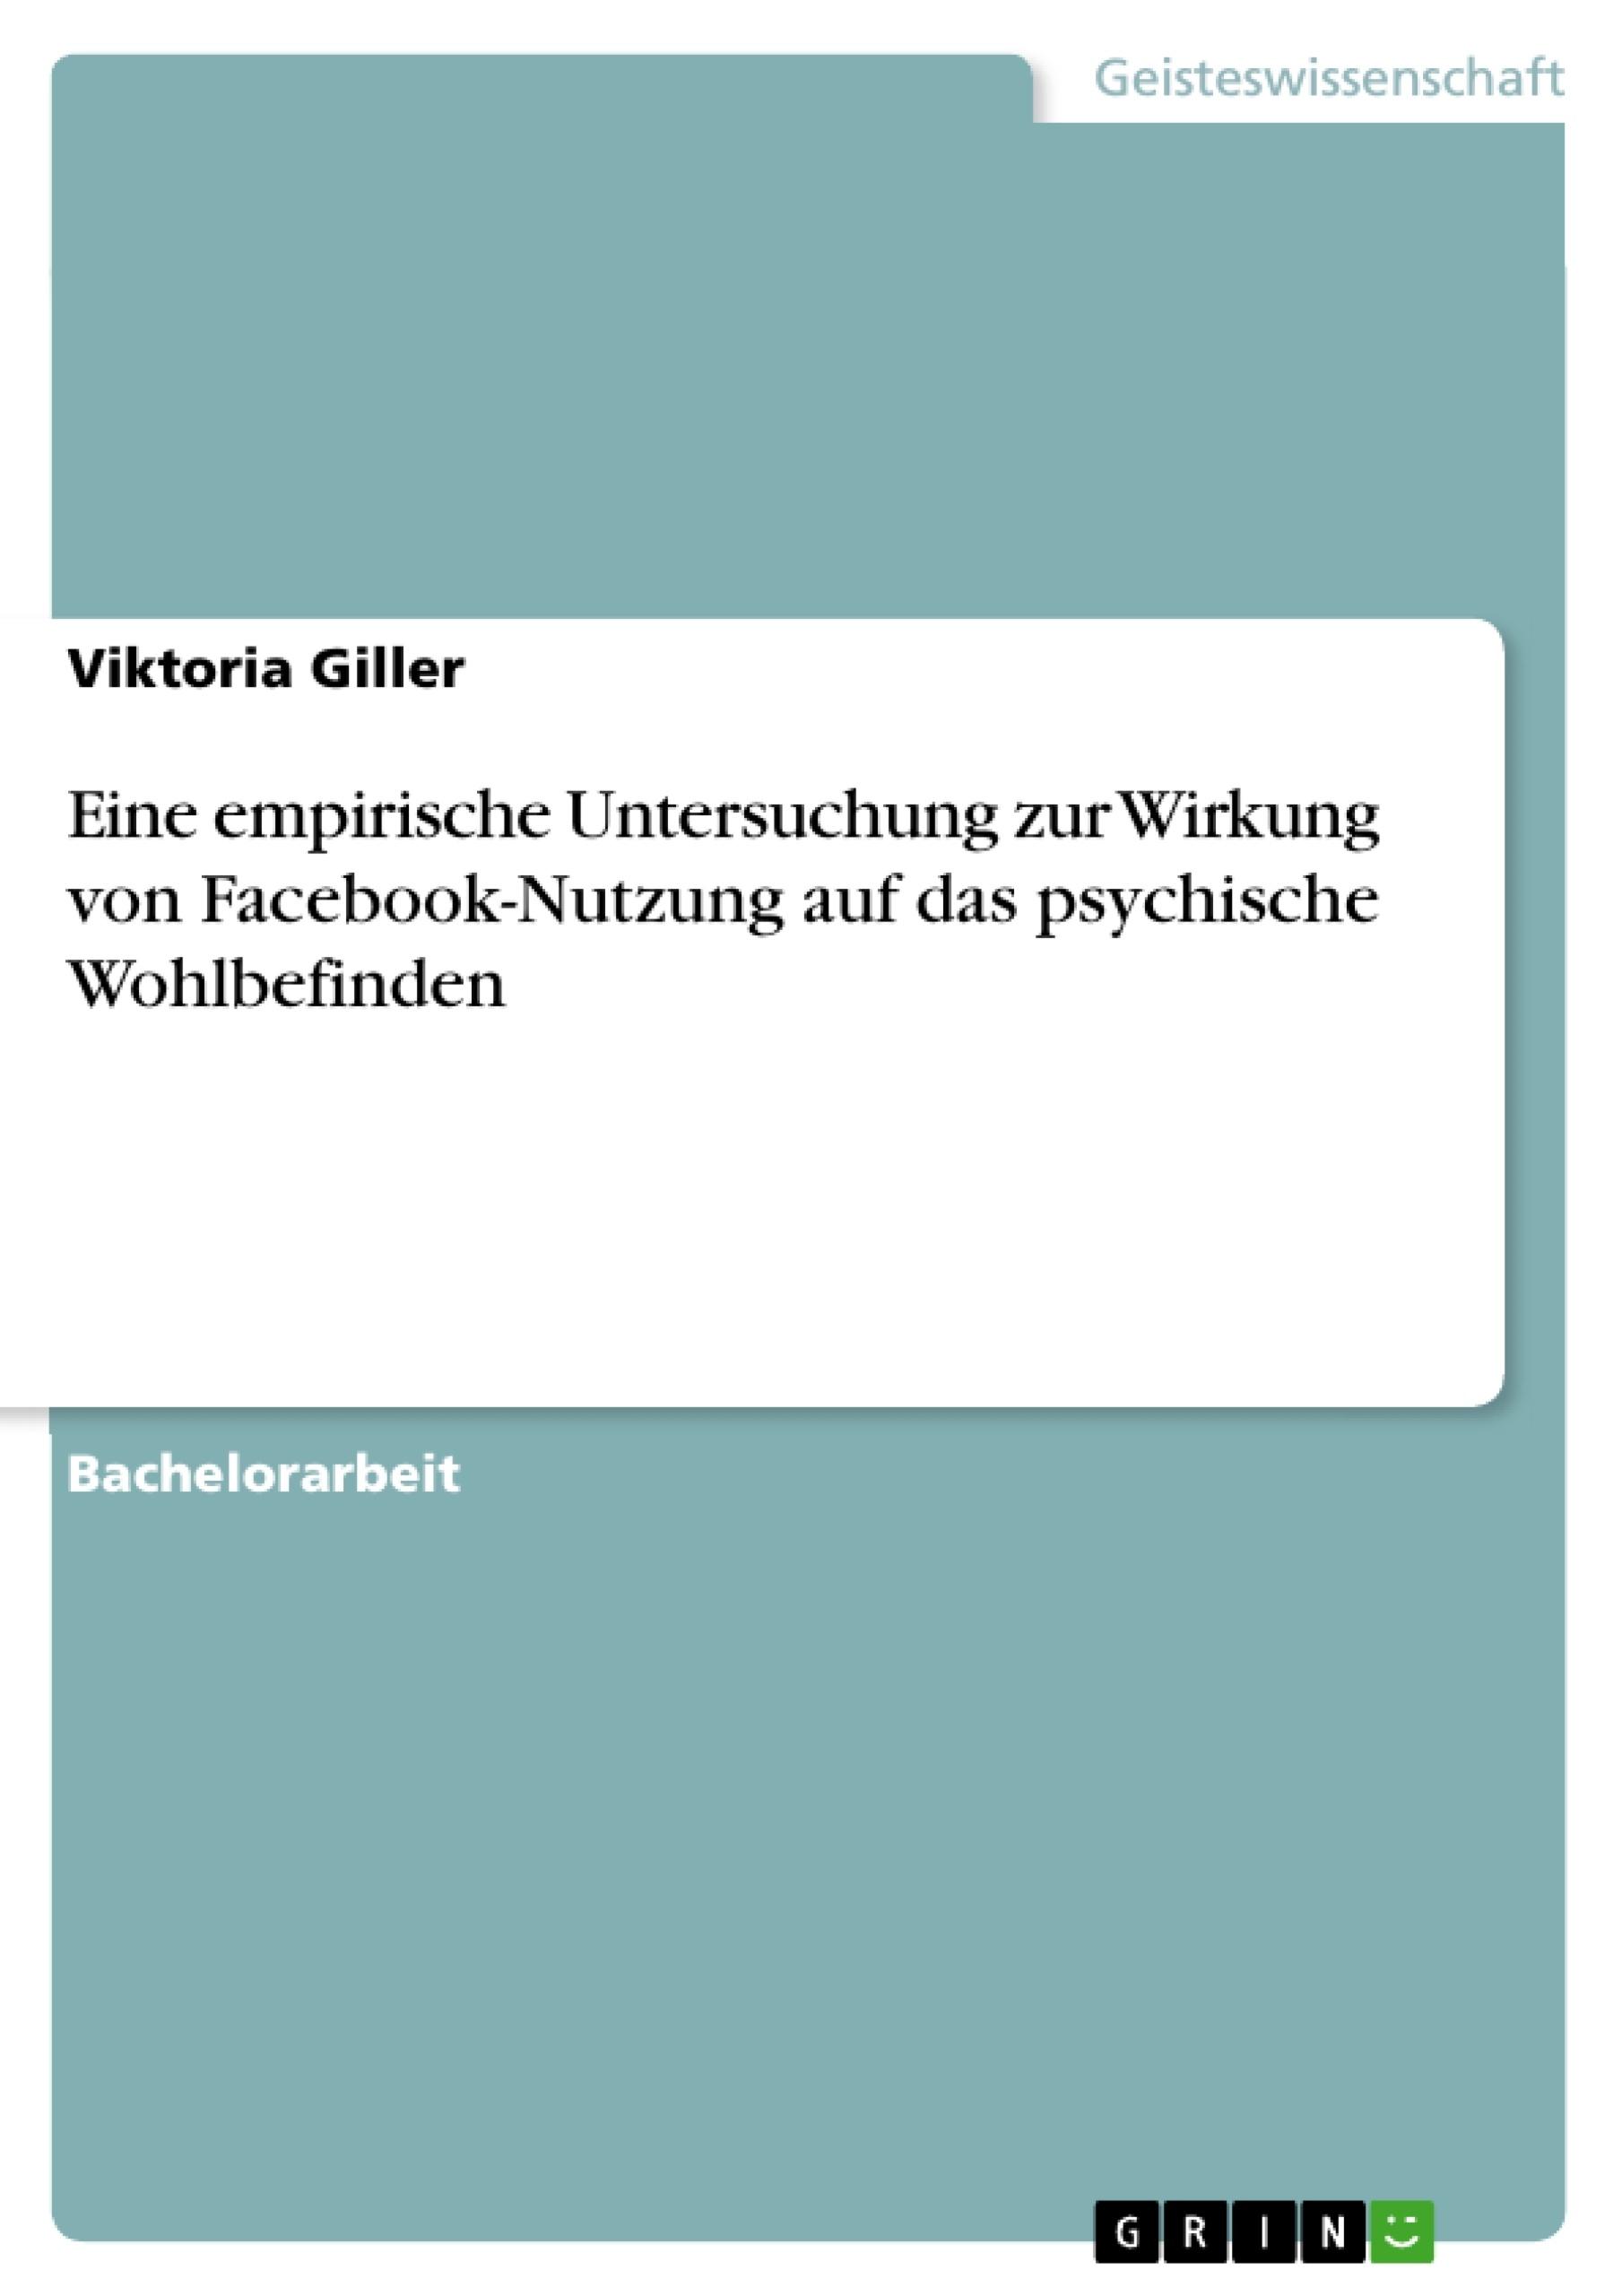 Titel: Eine empirische Untersuchung zur Wirkung von Facebook-Nutzung auf das psychische Wohlbefinden